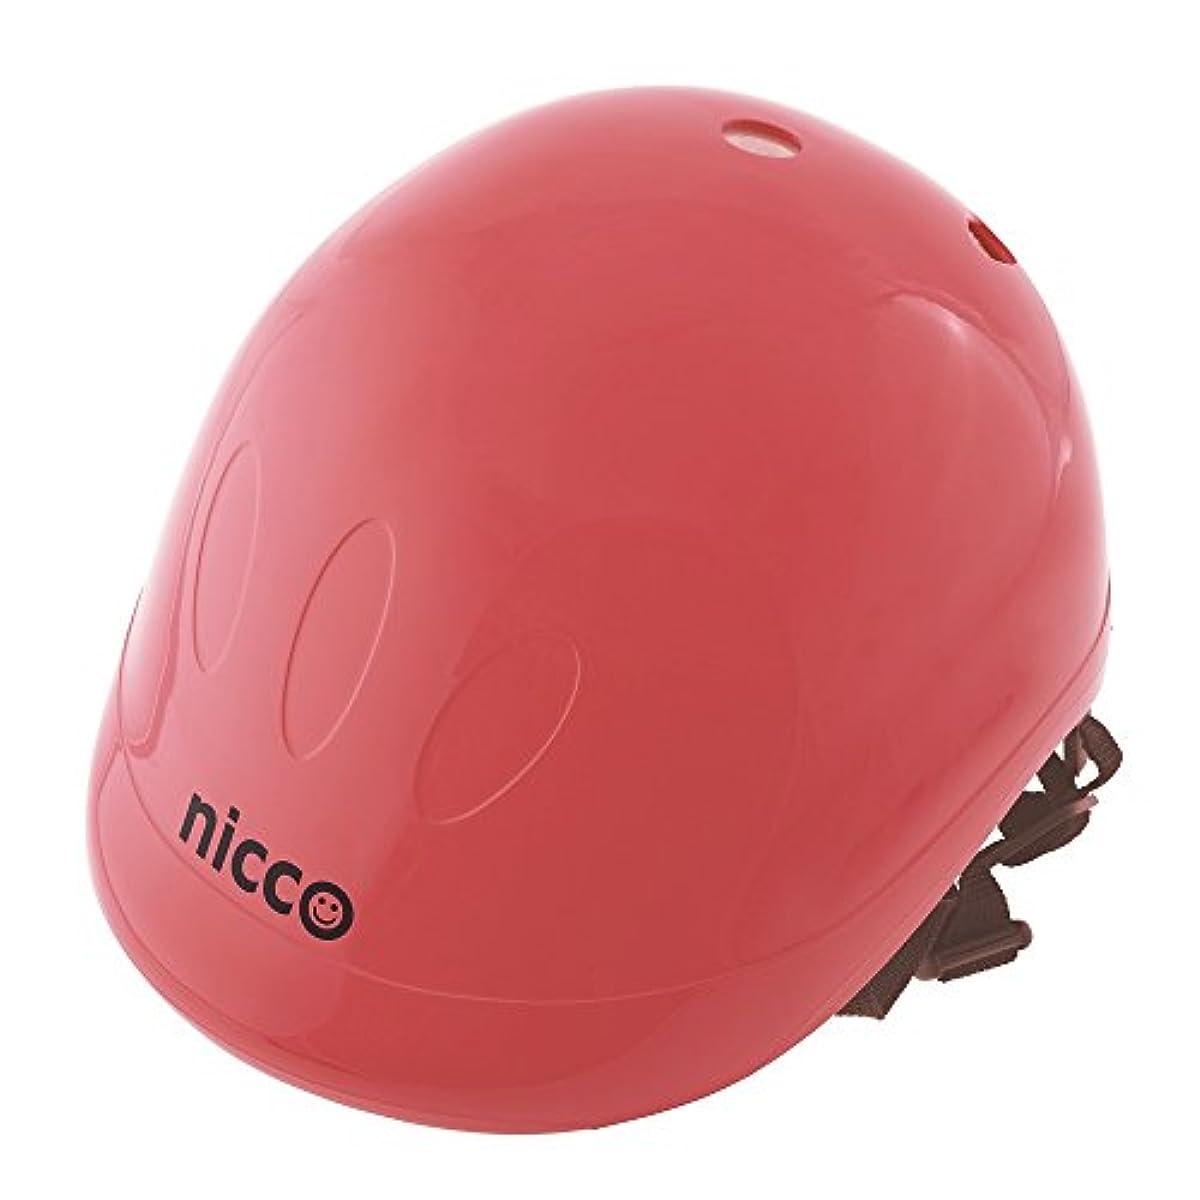 [해외] nicco 니코 하드쉘 헬멧 니코레드 KH001